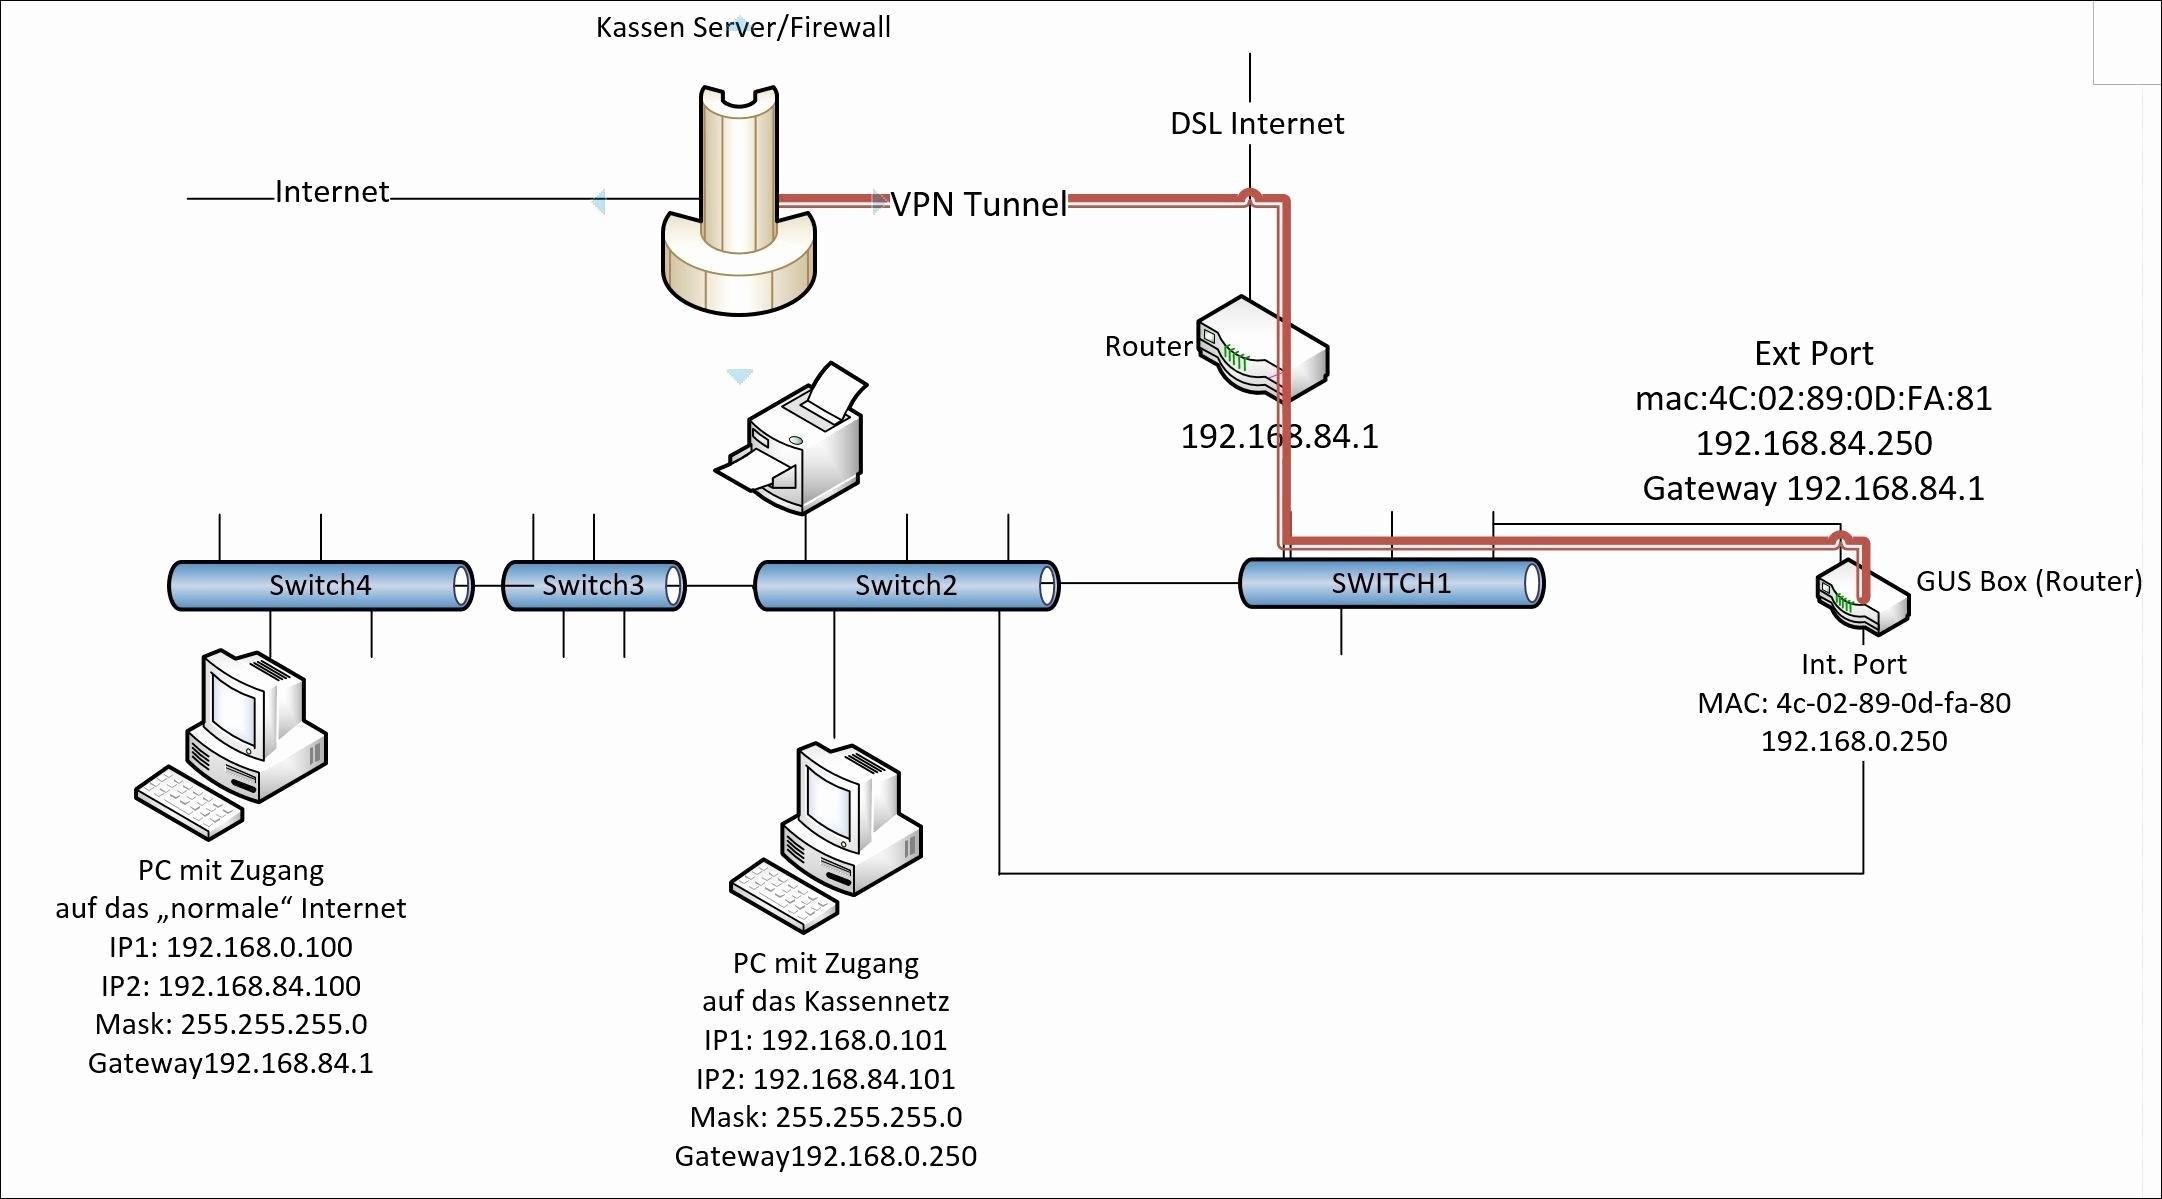 Understanding Hvac Wiring Diagrams Understanding Hvac Wiring Diagram Refrence Carrier Ac Wiring Diagram Of Understanding Hvac Wiring Diagrams